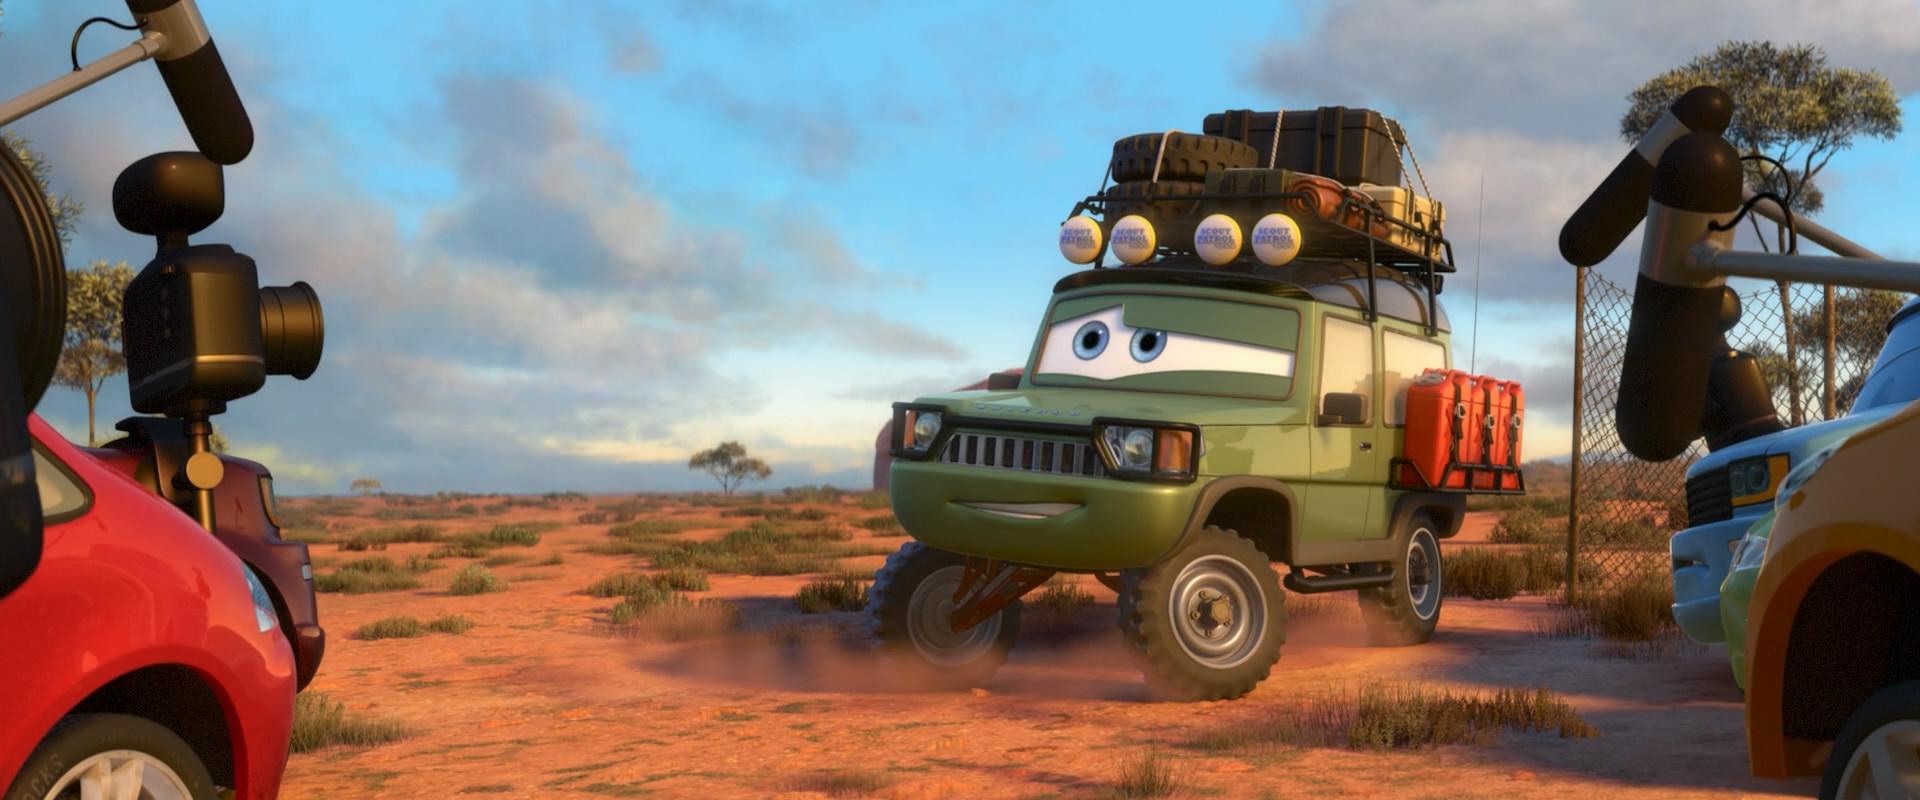 La voiture du film Cars 2 que vous aimeriez voir en miniature Mattel ! - Page 9 Cars_221